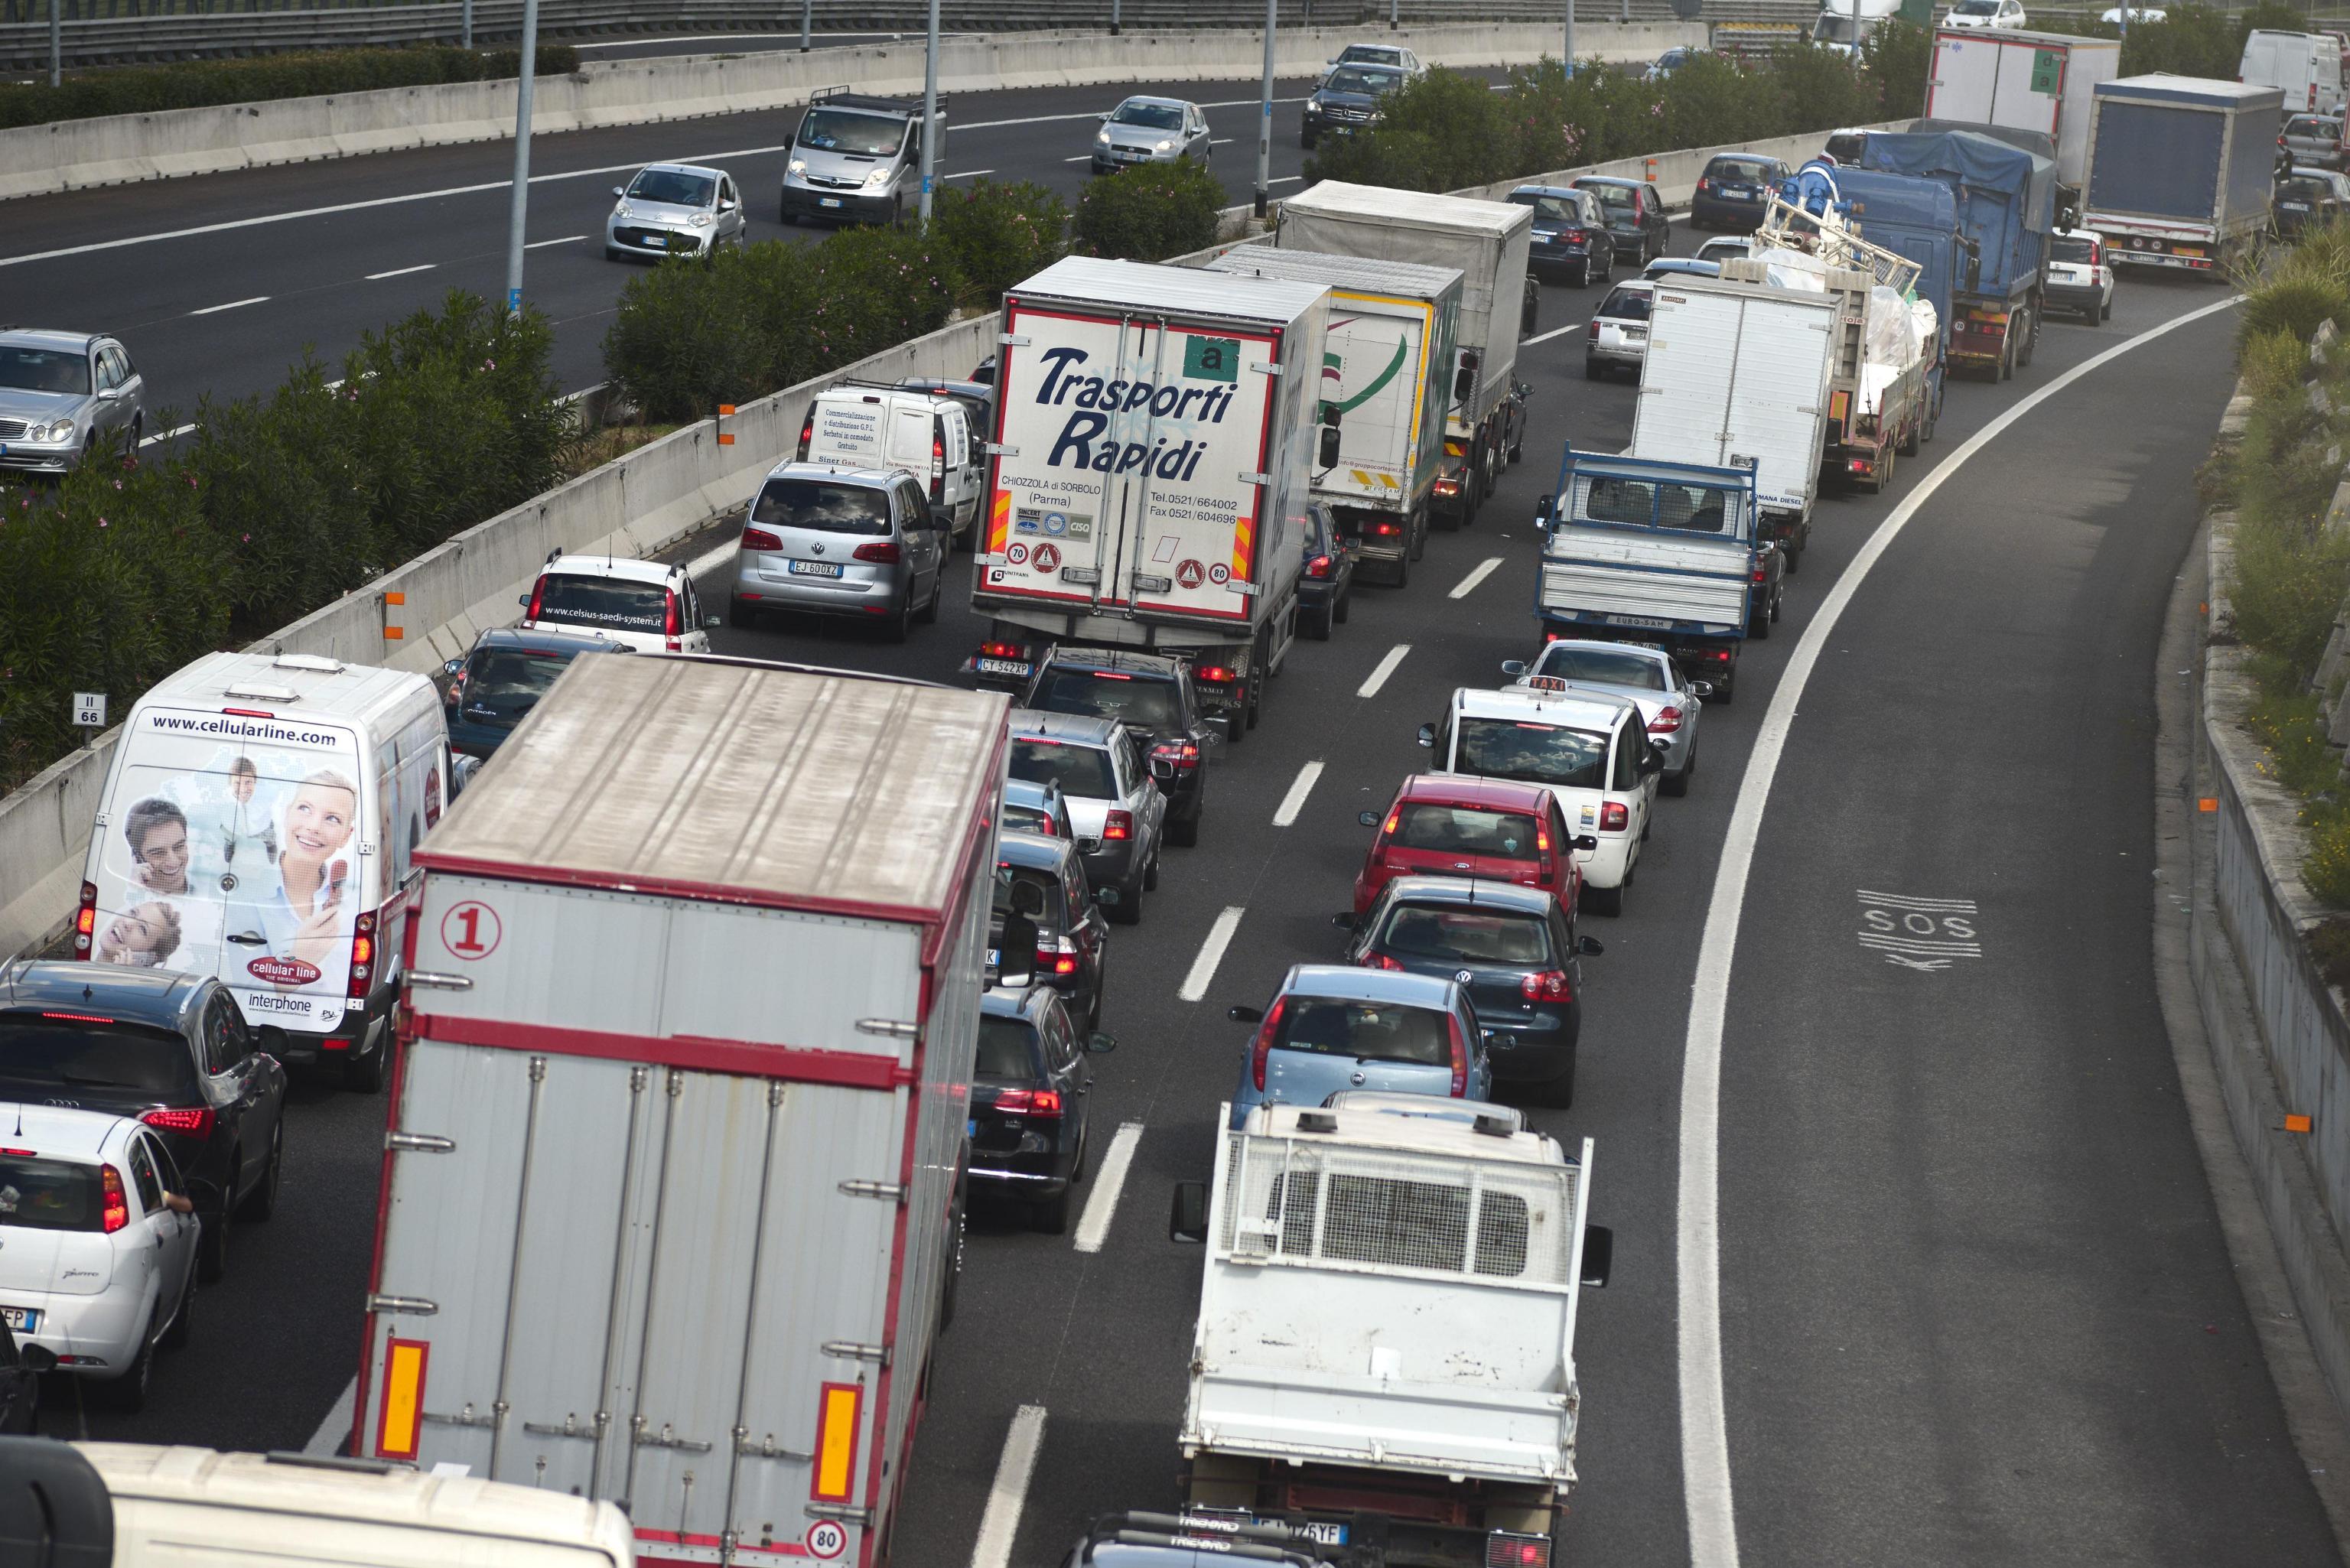 Incidenti, indennizzo diretto anche se vengono coinvolti più veicoli